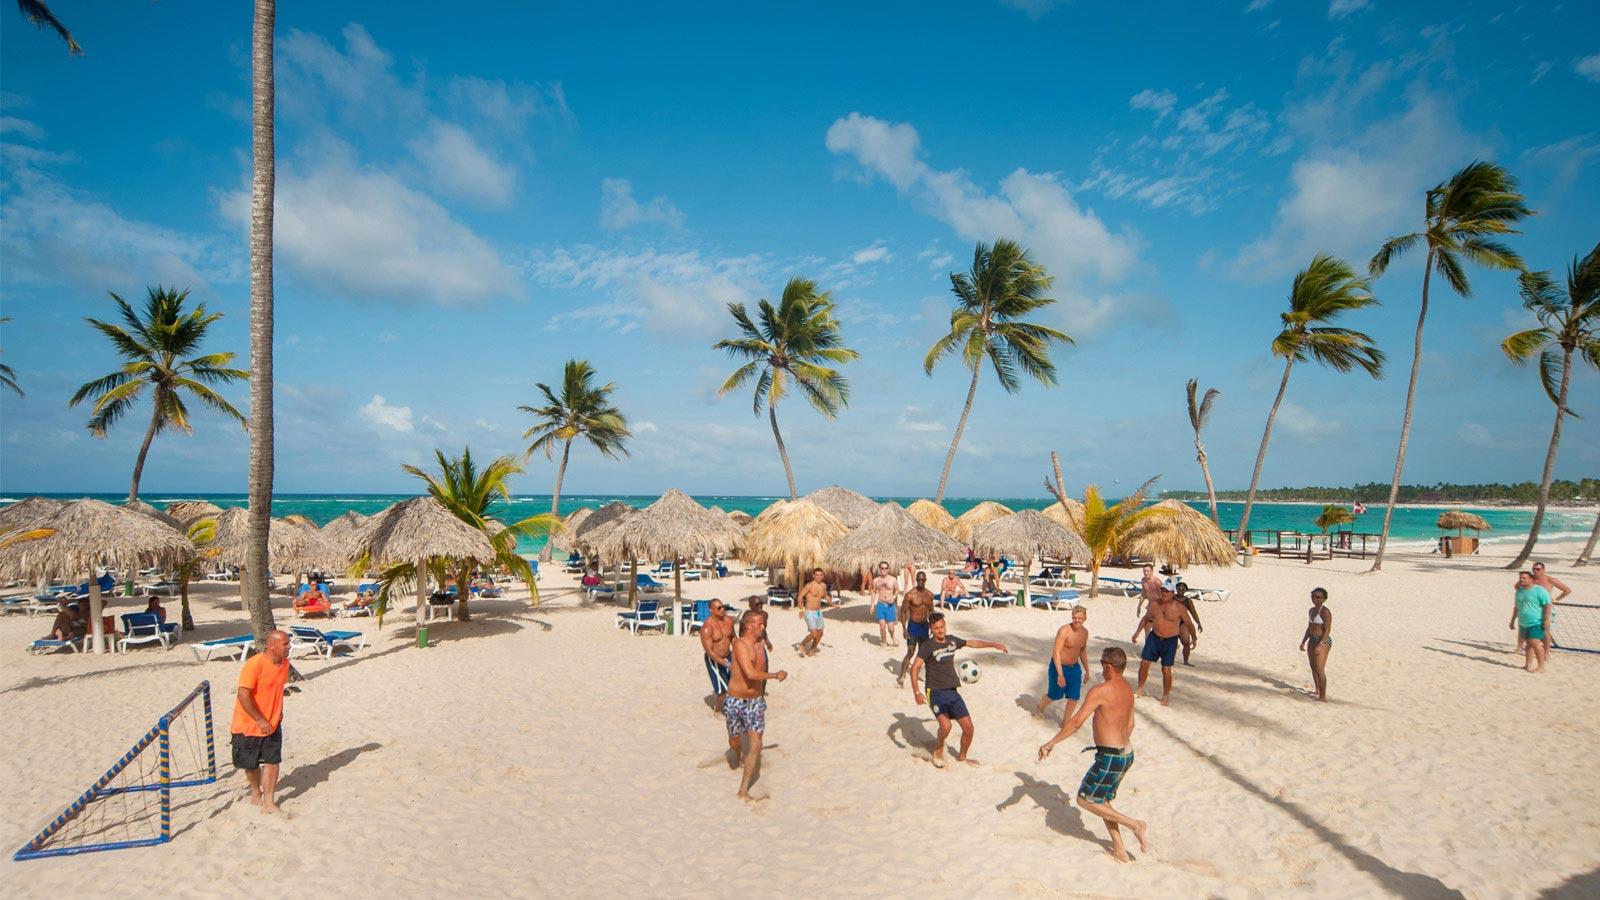 Punta Cana Hotels And Resorts